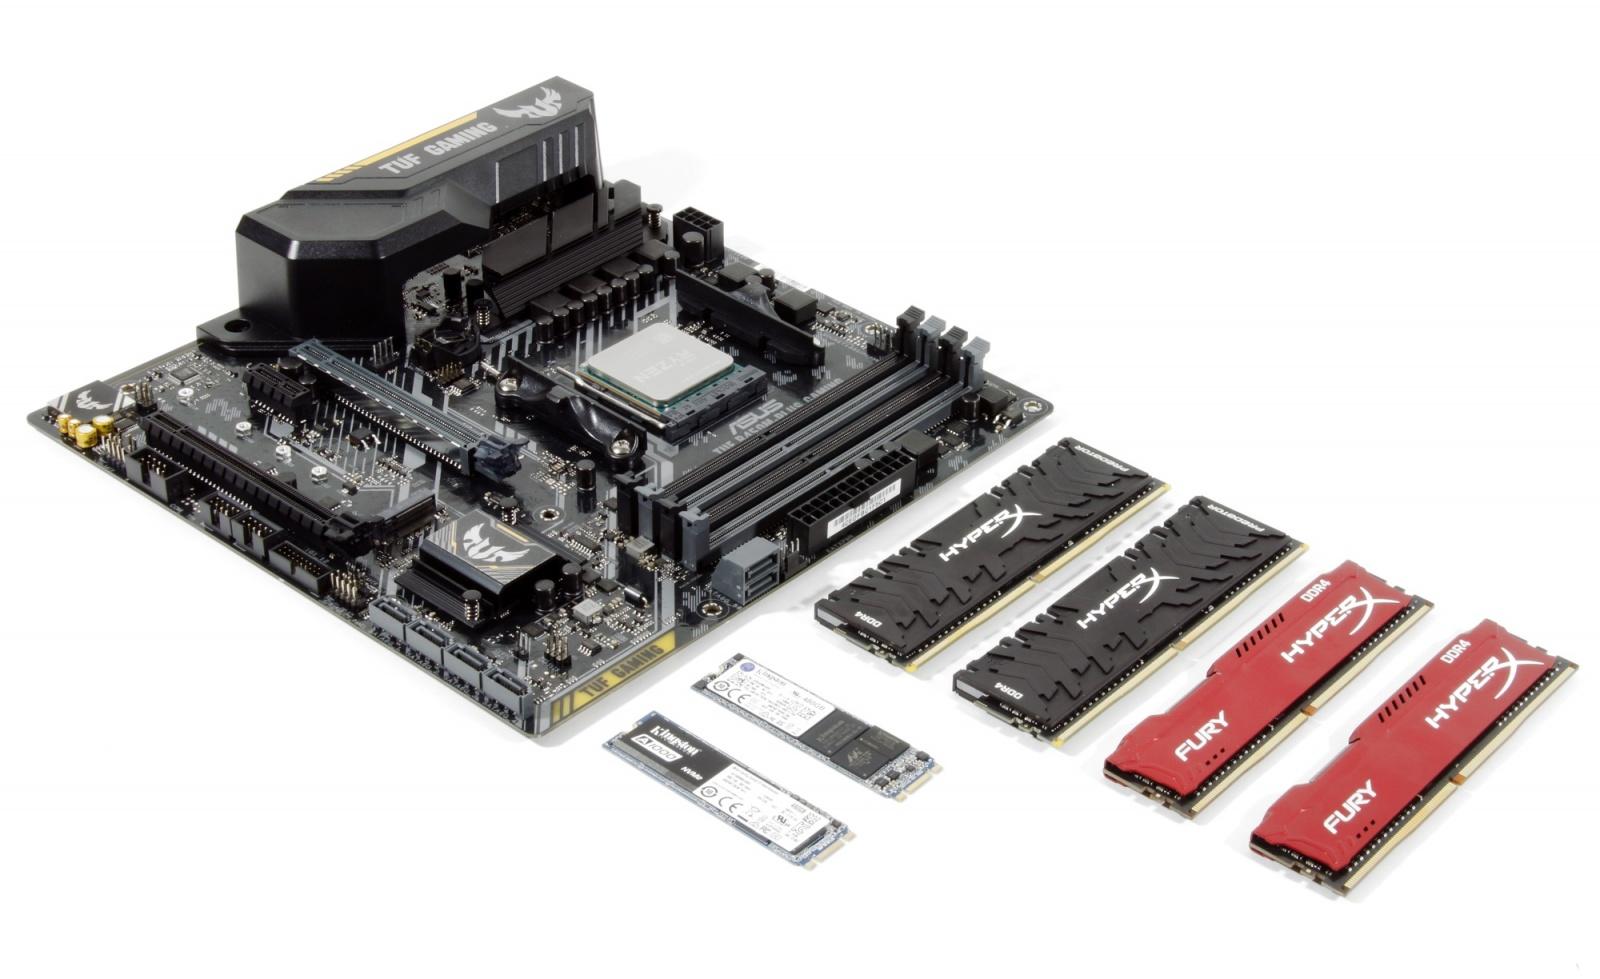 Скупой не платит дважды – настраиваем память на платформе AMD B450 и получаем бесплатную производительность - 28